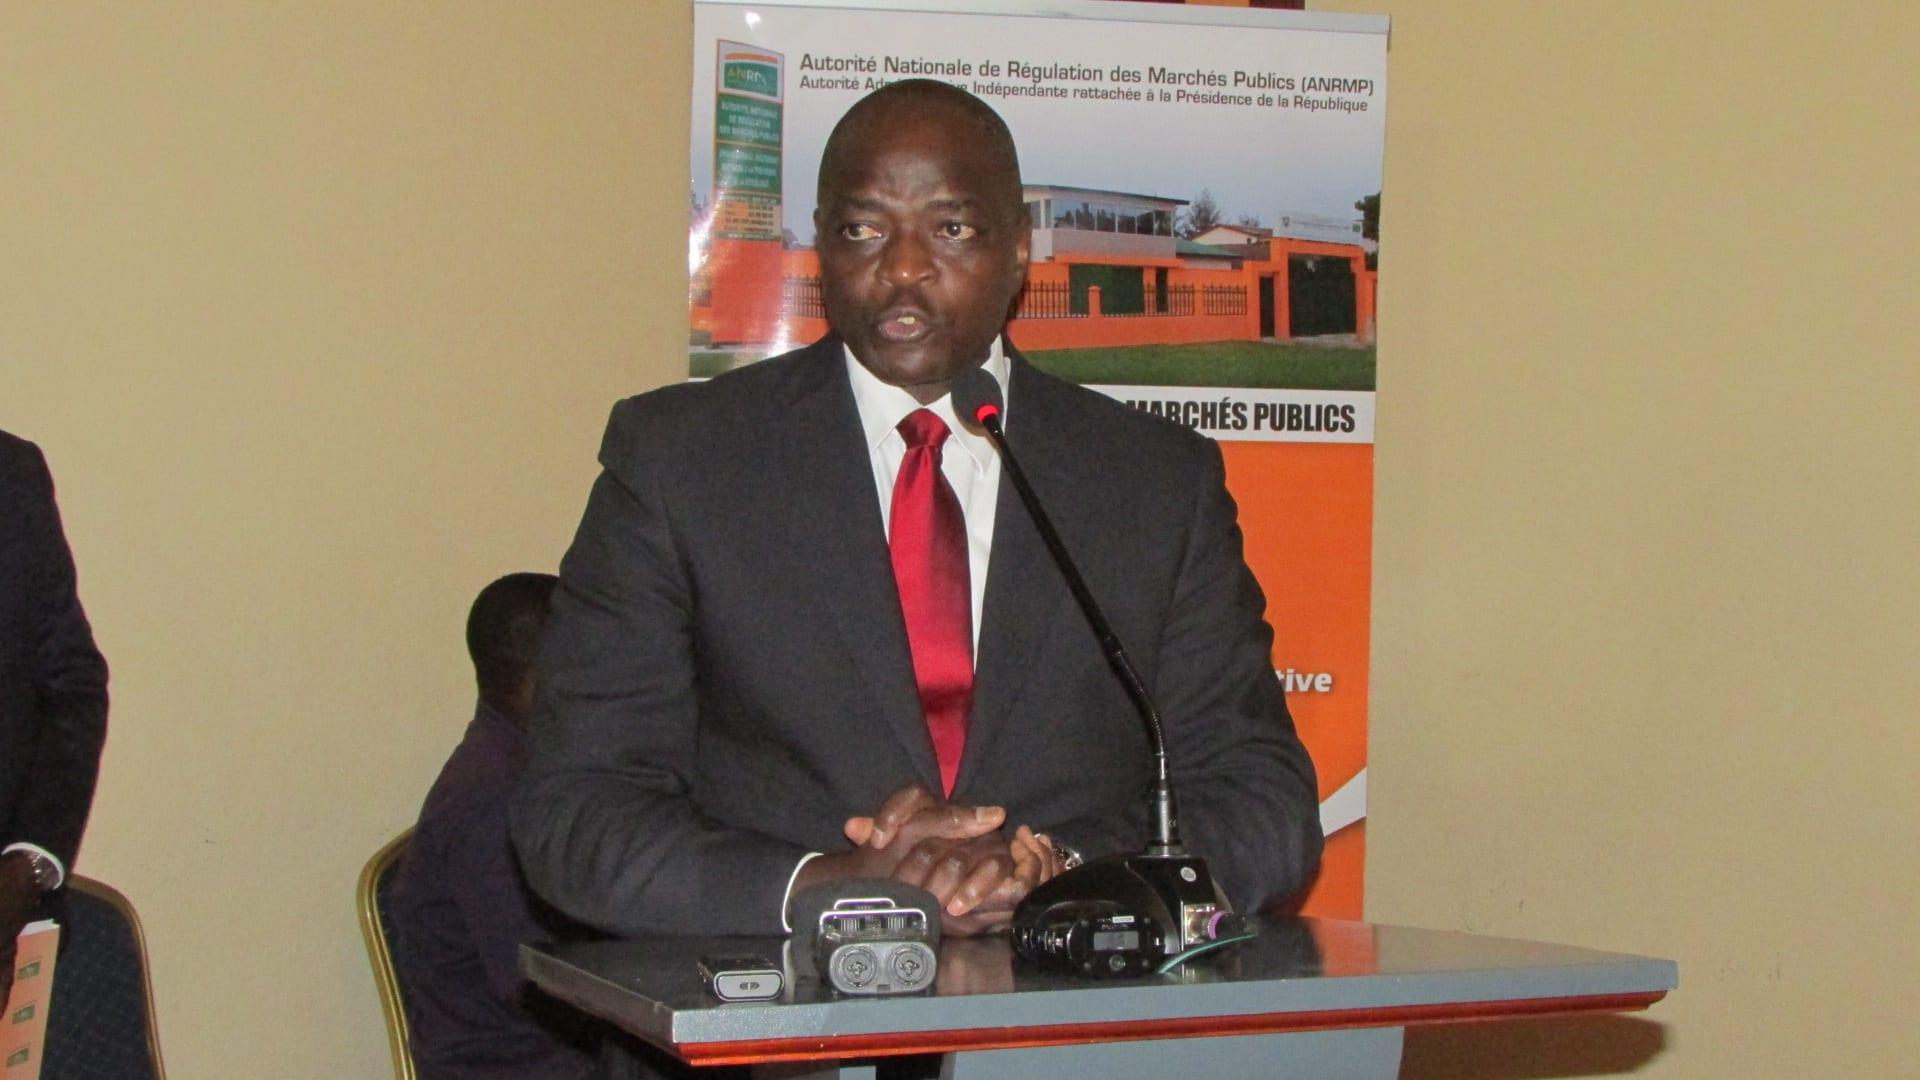 Photo de Coulibaly Non Karna : « L'ANRMP veut une presse responsable dans le domaine des marchés publics »